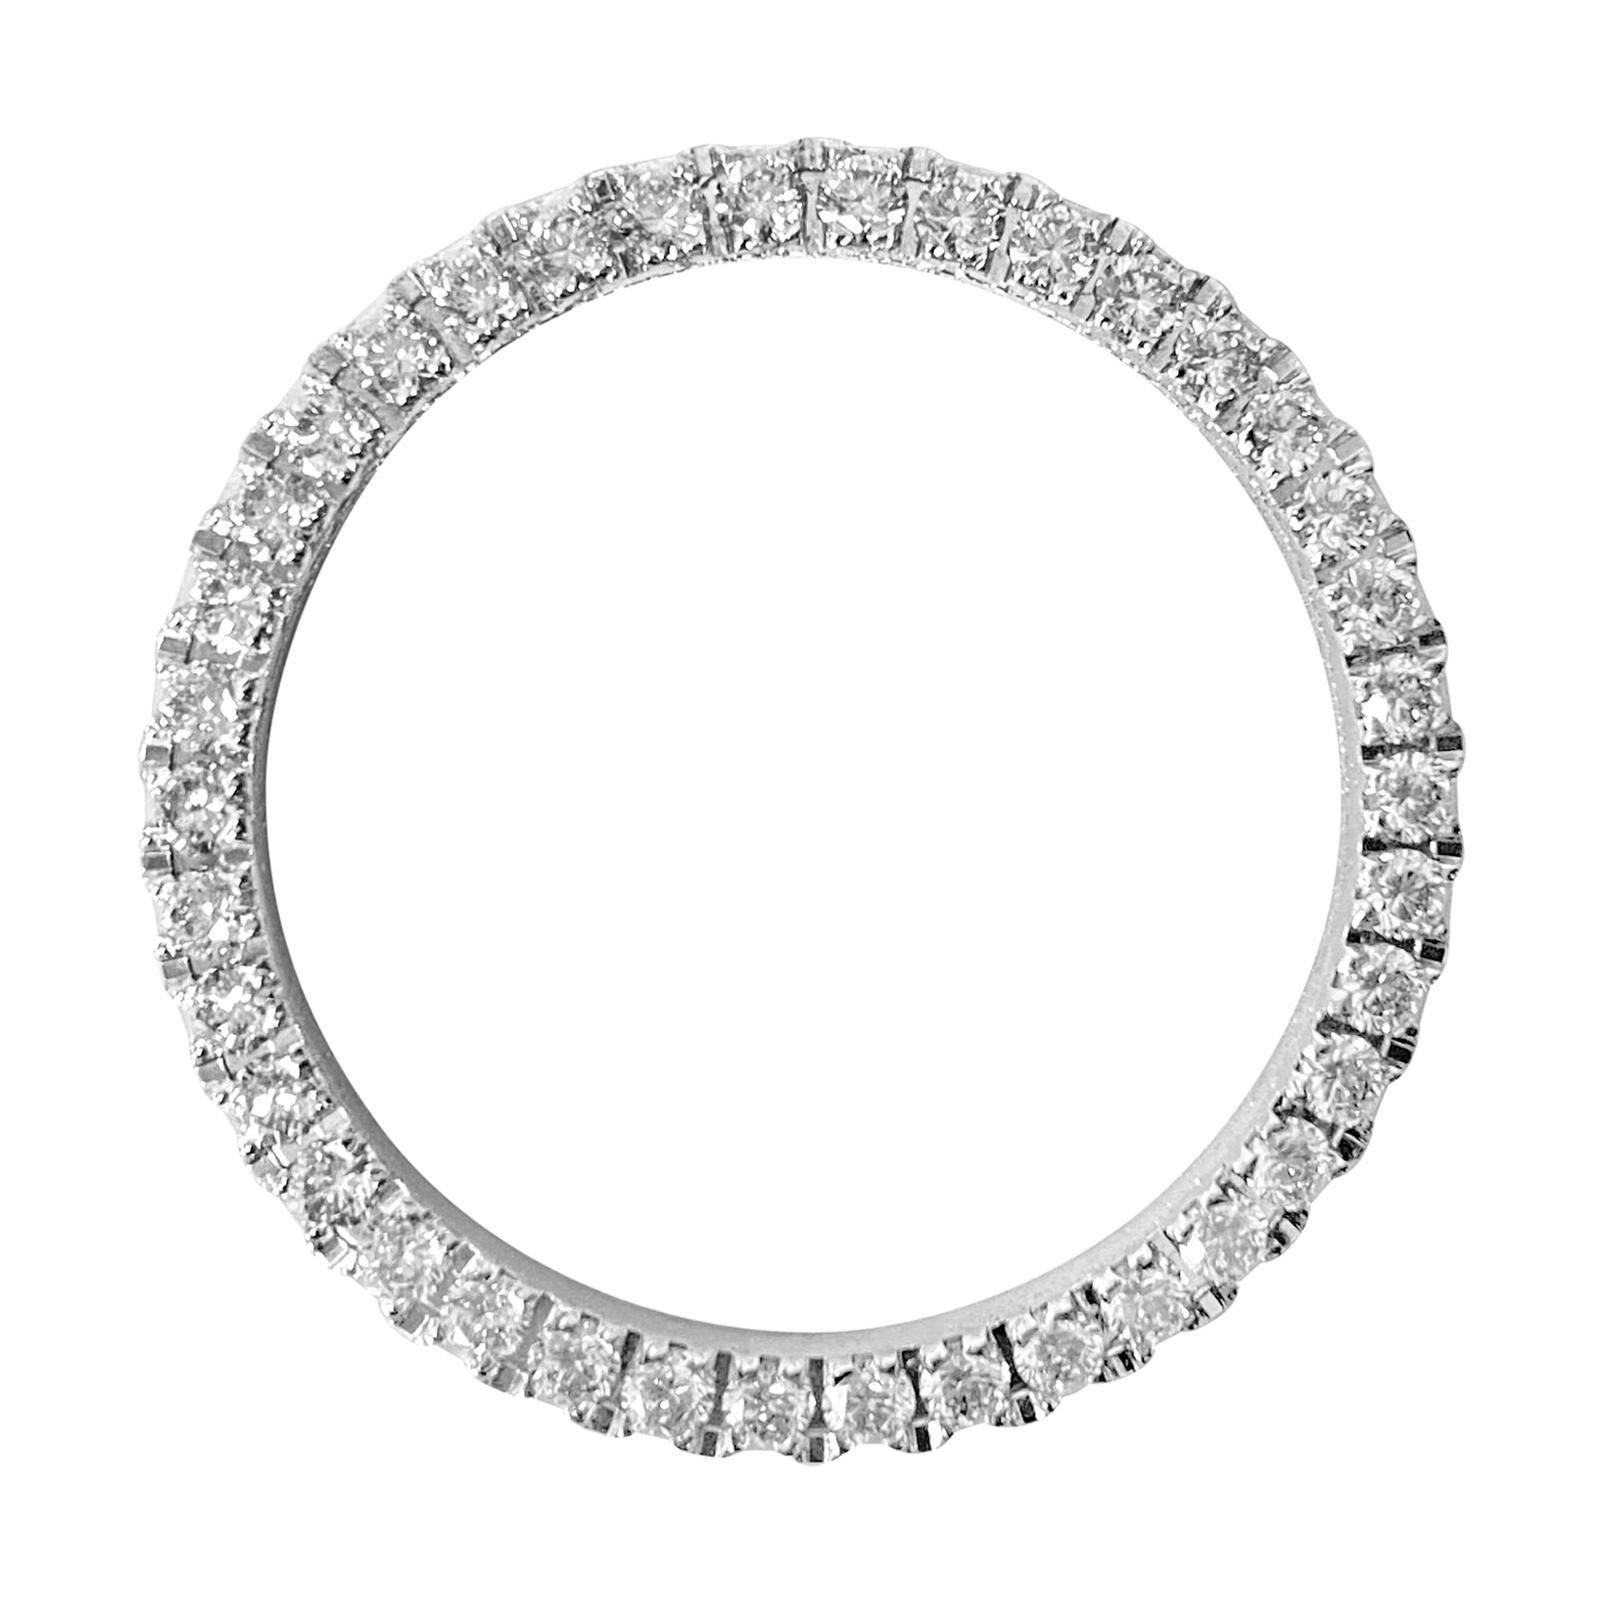 Rolex Diamond Bezel, 2.50ct VVS Diamonds